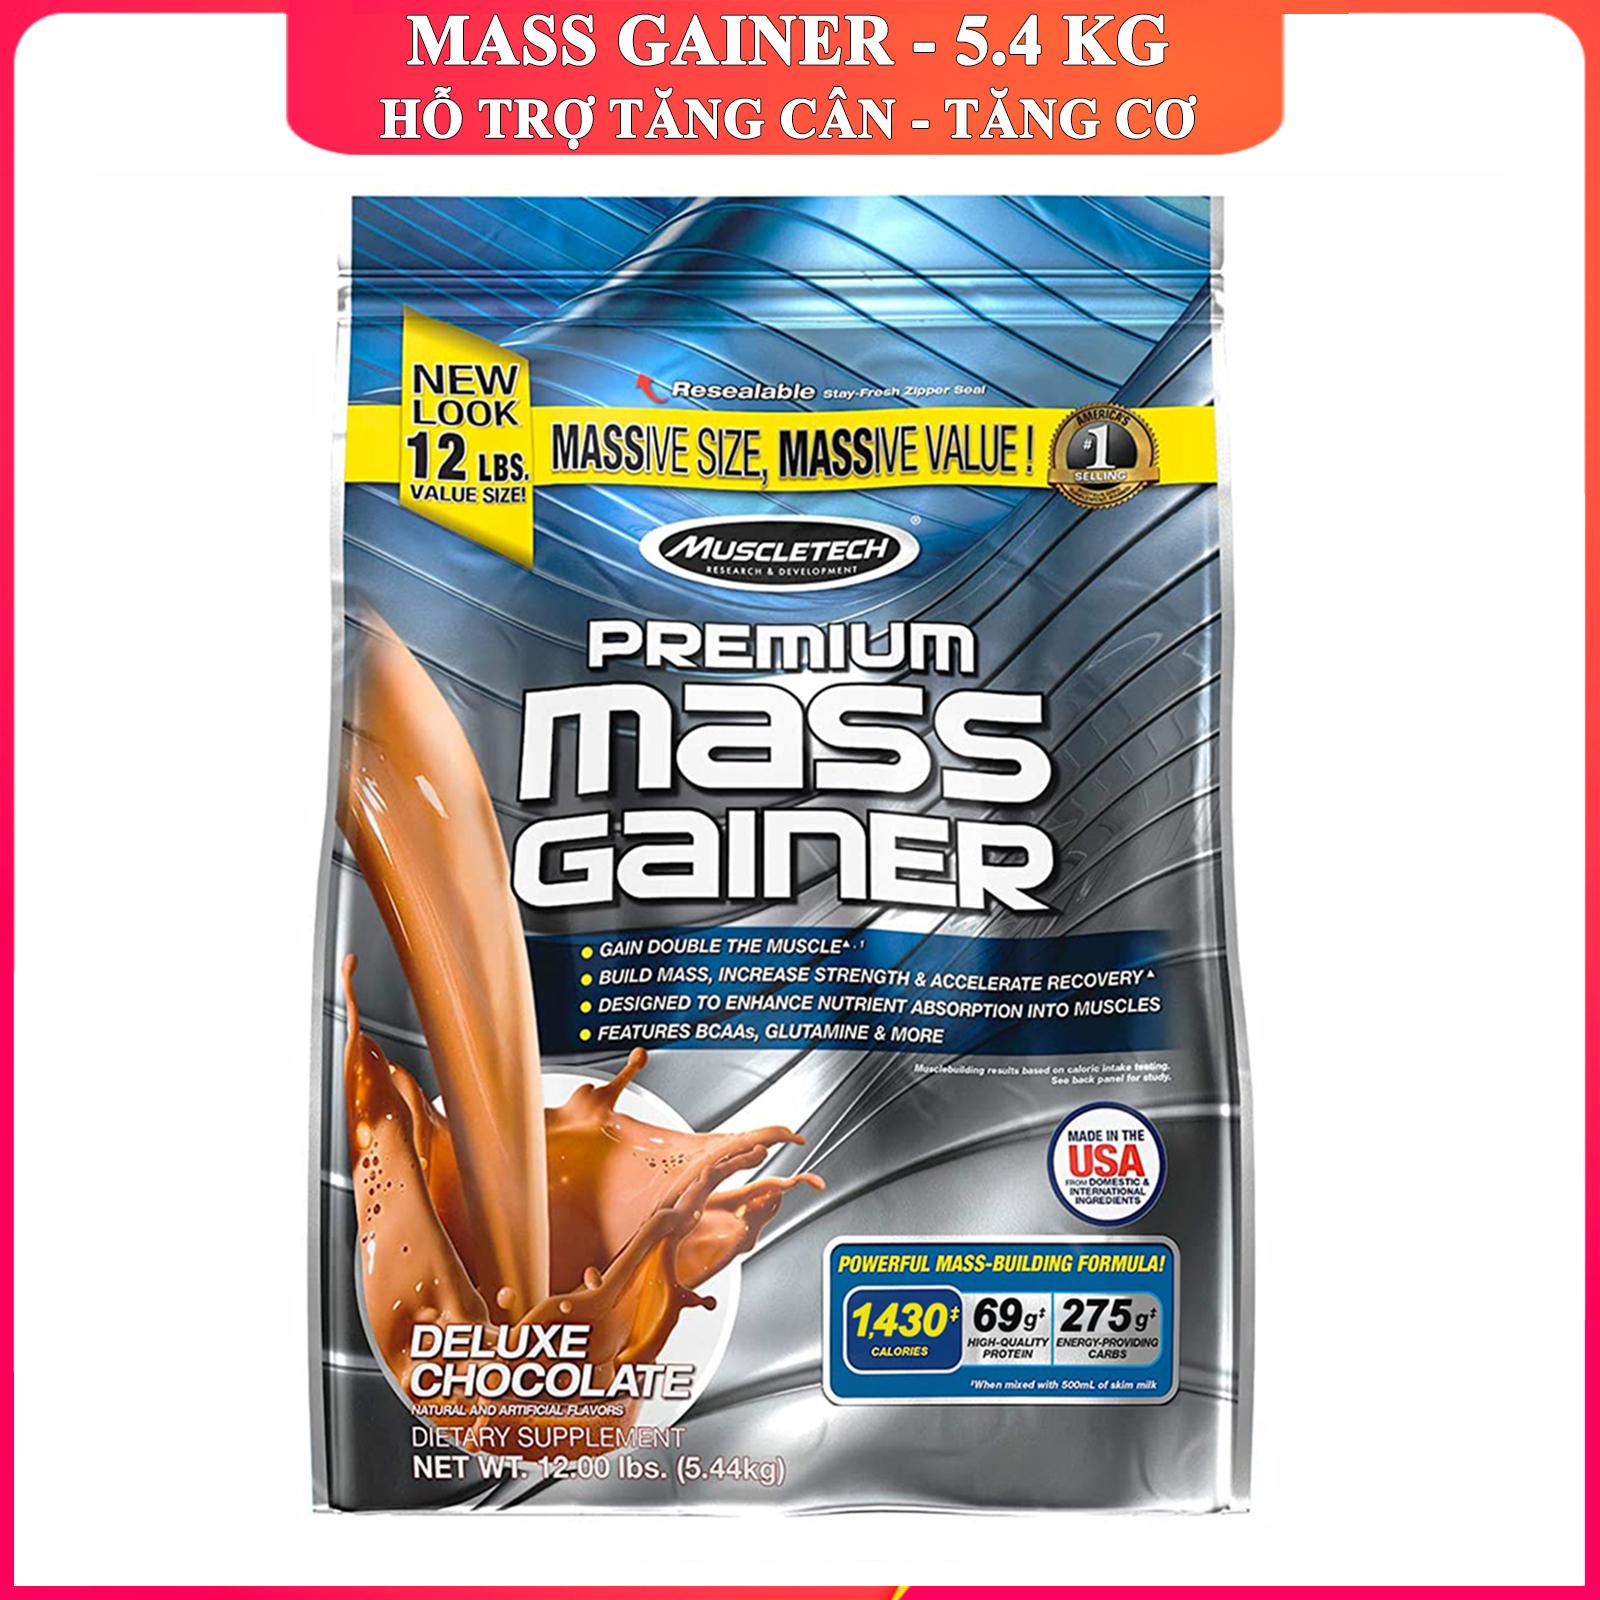 Sữa tăng cân tăng cơ Premium Mass Gainer của Muscle Tech bịch lớn 5.4 kg hỗ trợ tăng cân tăng cơ nạc nhanh cho người tập GYM và chơi thể thao dễ hấp thu không kén người dùng - thuc pham chuc nang